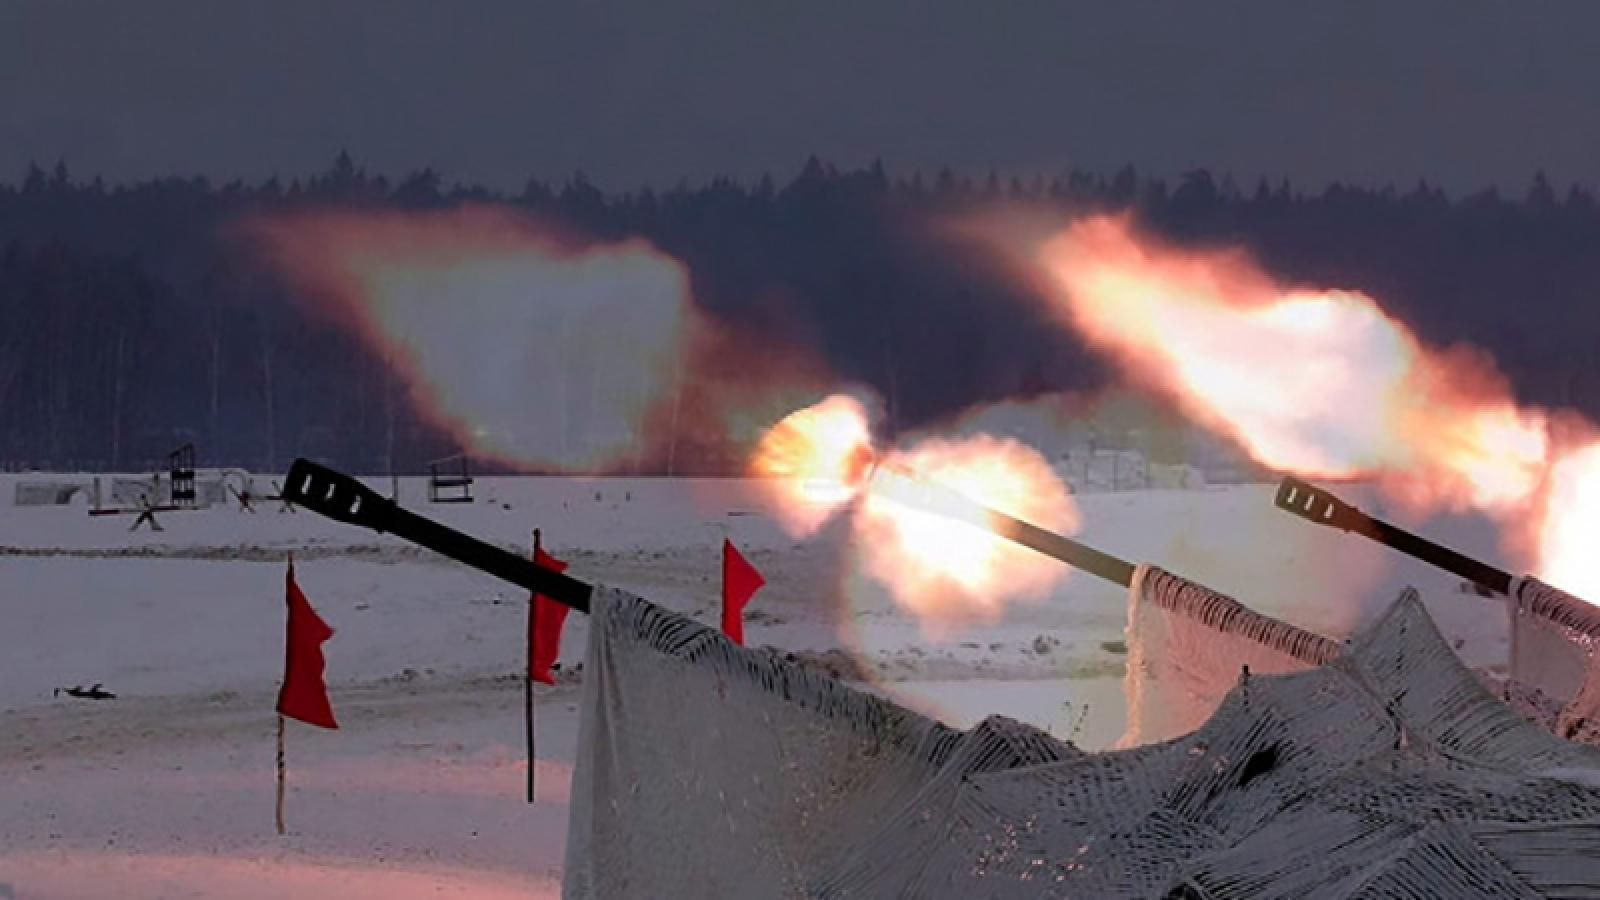 Siêu pháo tự hành Msta-S của Nga khai hỏa diệt mục tiêu ở khoảng cách 20km